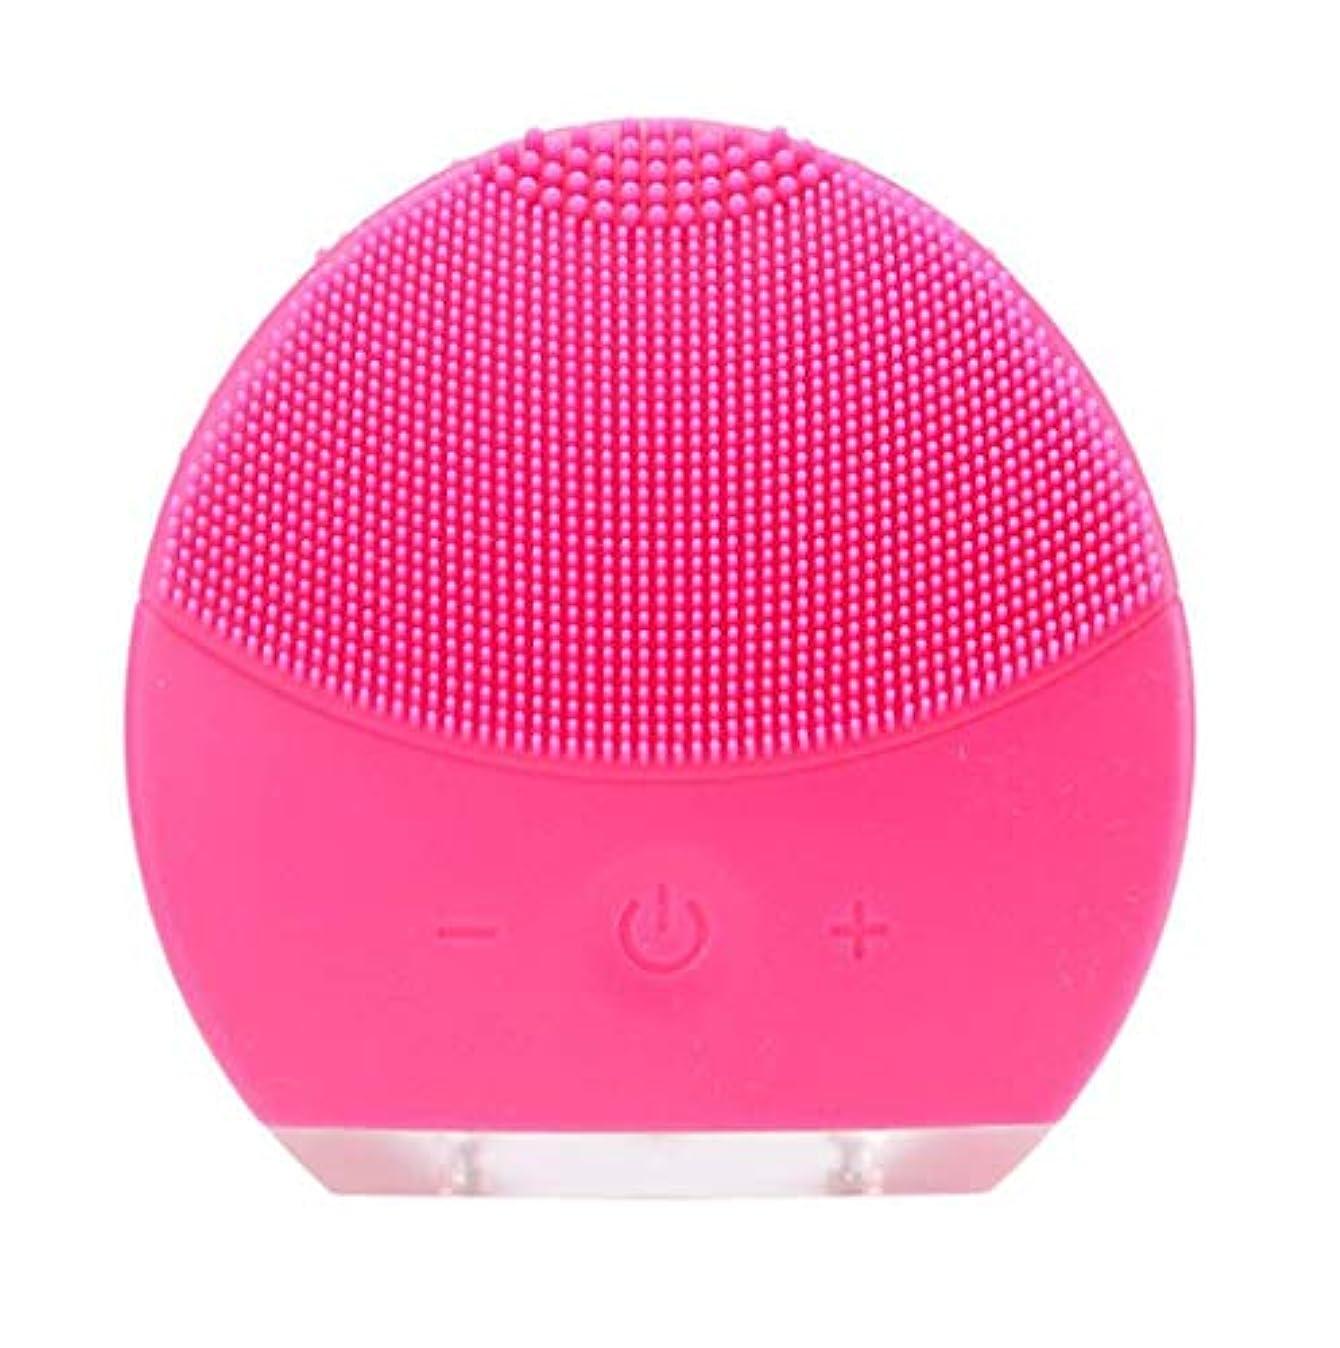 密ほとんどないストラトフォードオンエイボン超音波振動美容機器洗浄器、皮膚の毛穴を最小限に抑えるマイクロダーマブレーション毛穴、USB 充電と防水,Rosered